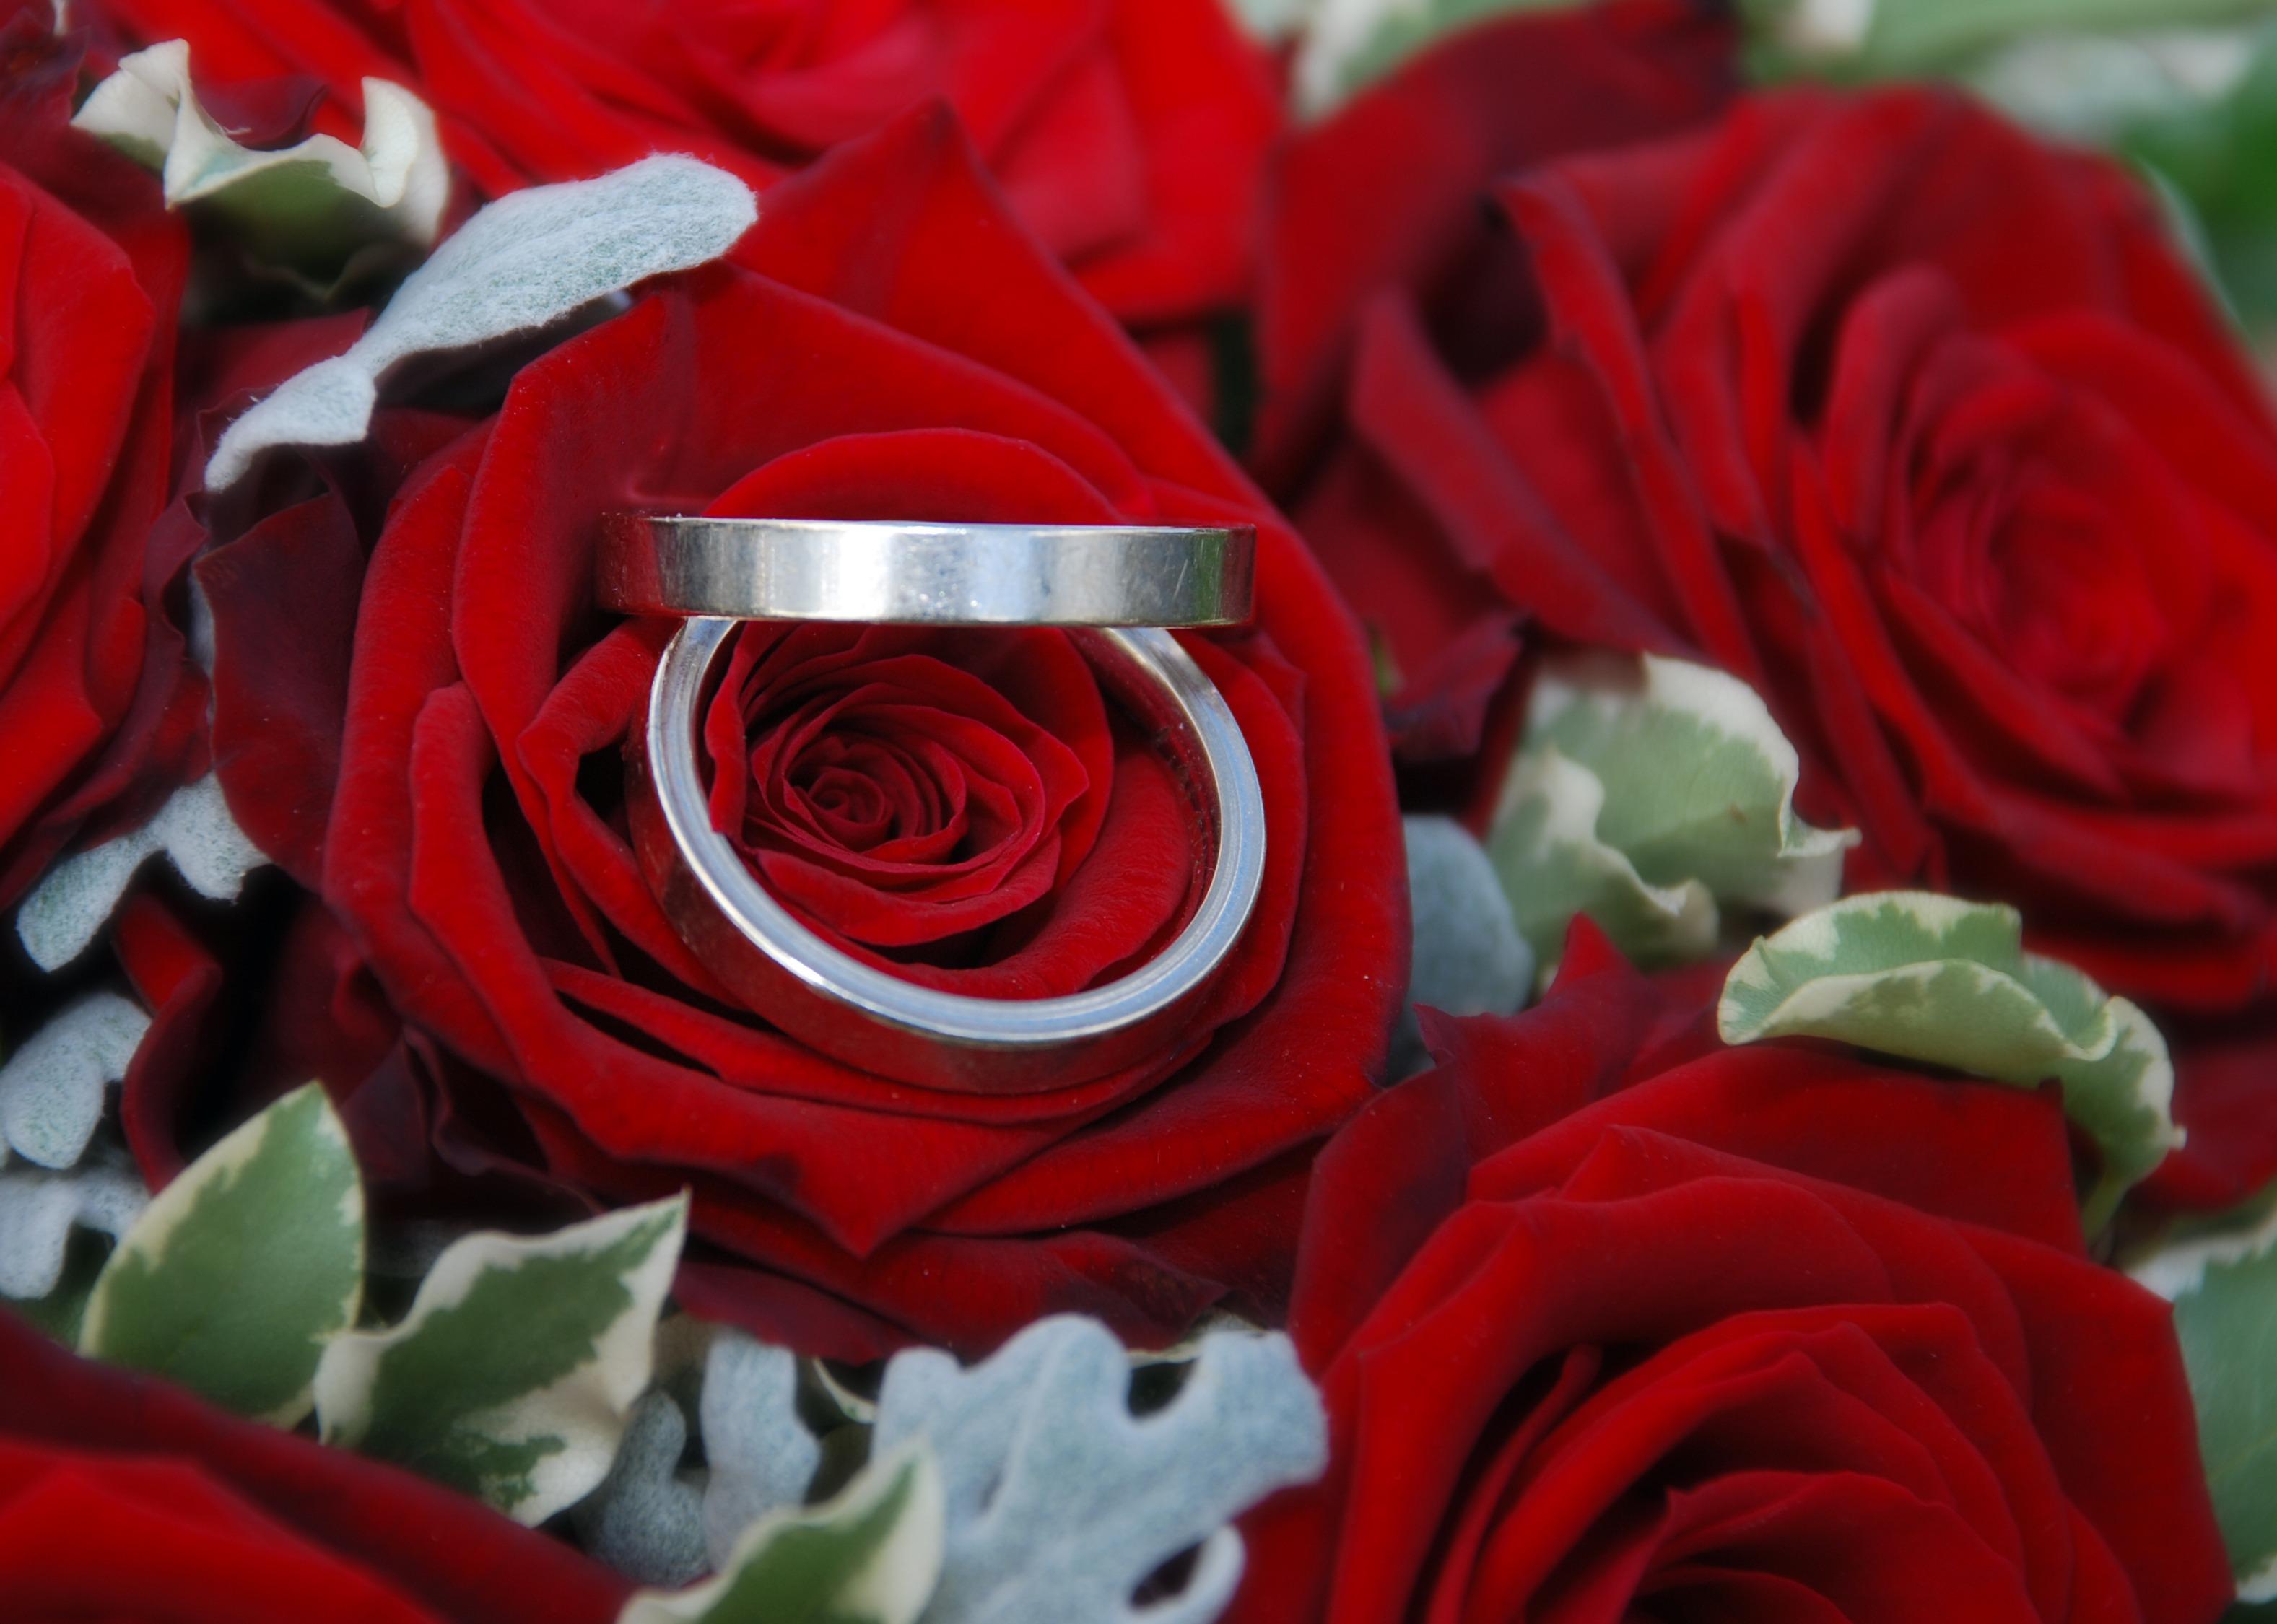 гаечных ключей обручальные кольца в цветах фото согласен обработку персональных